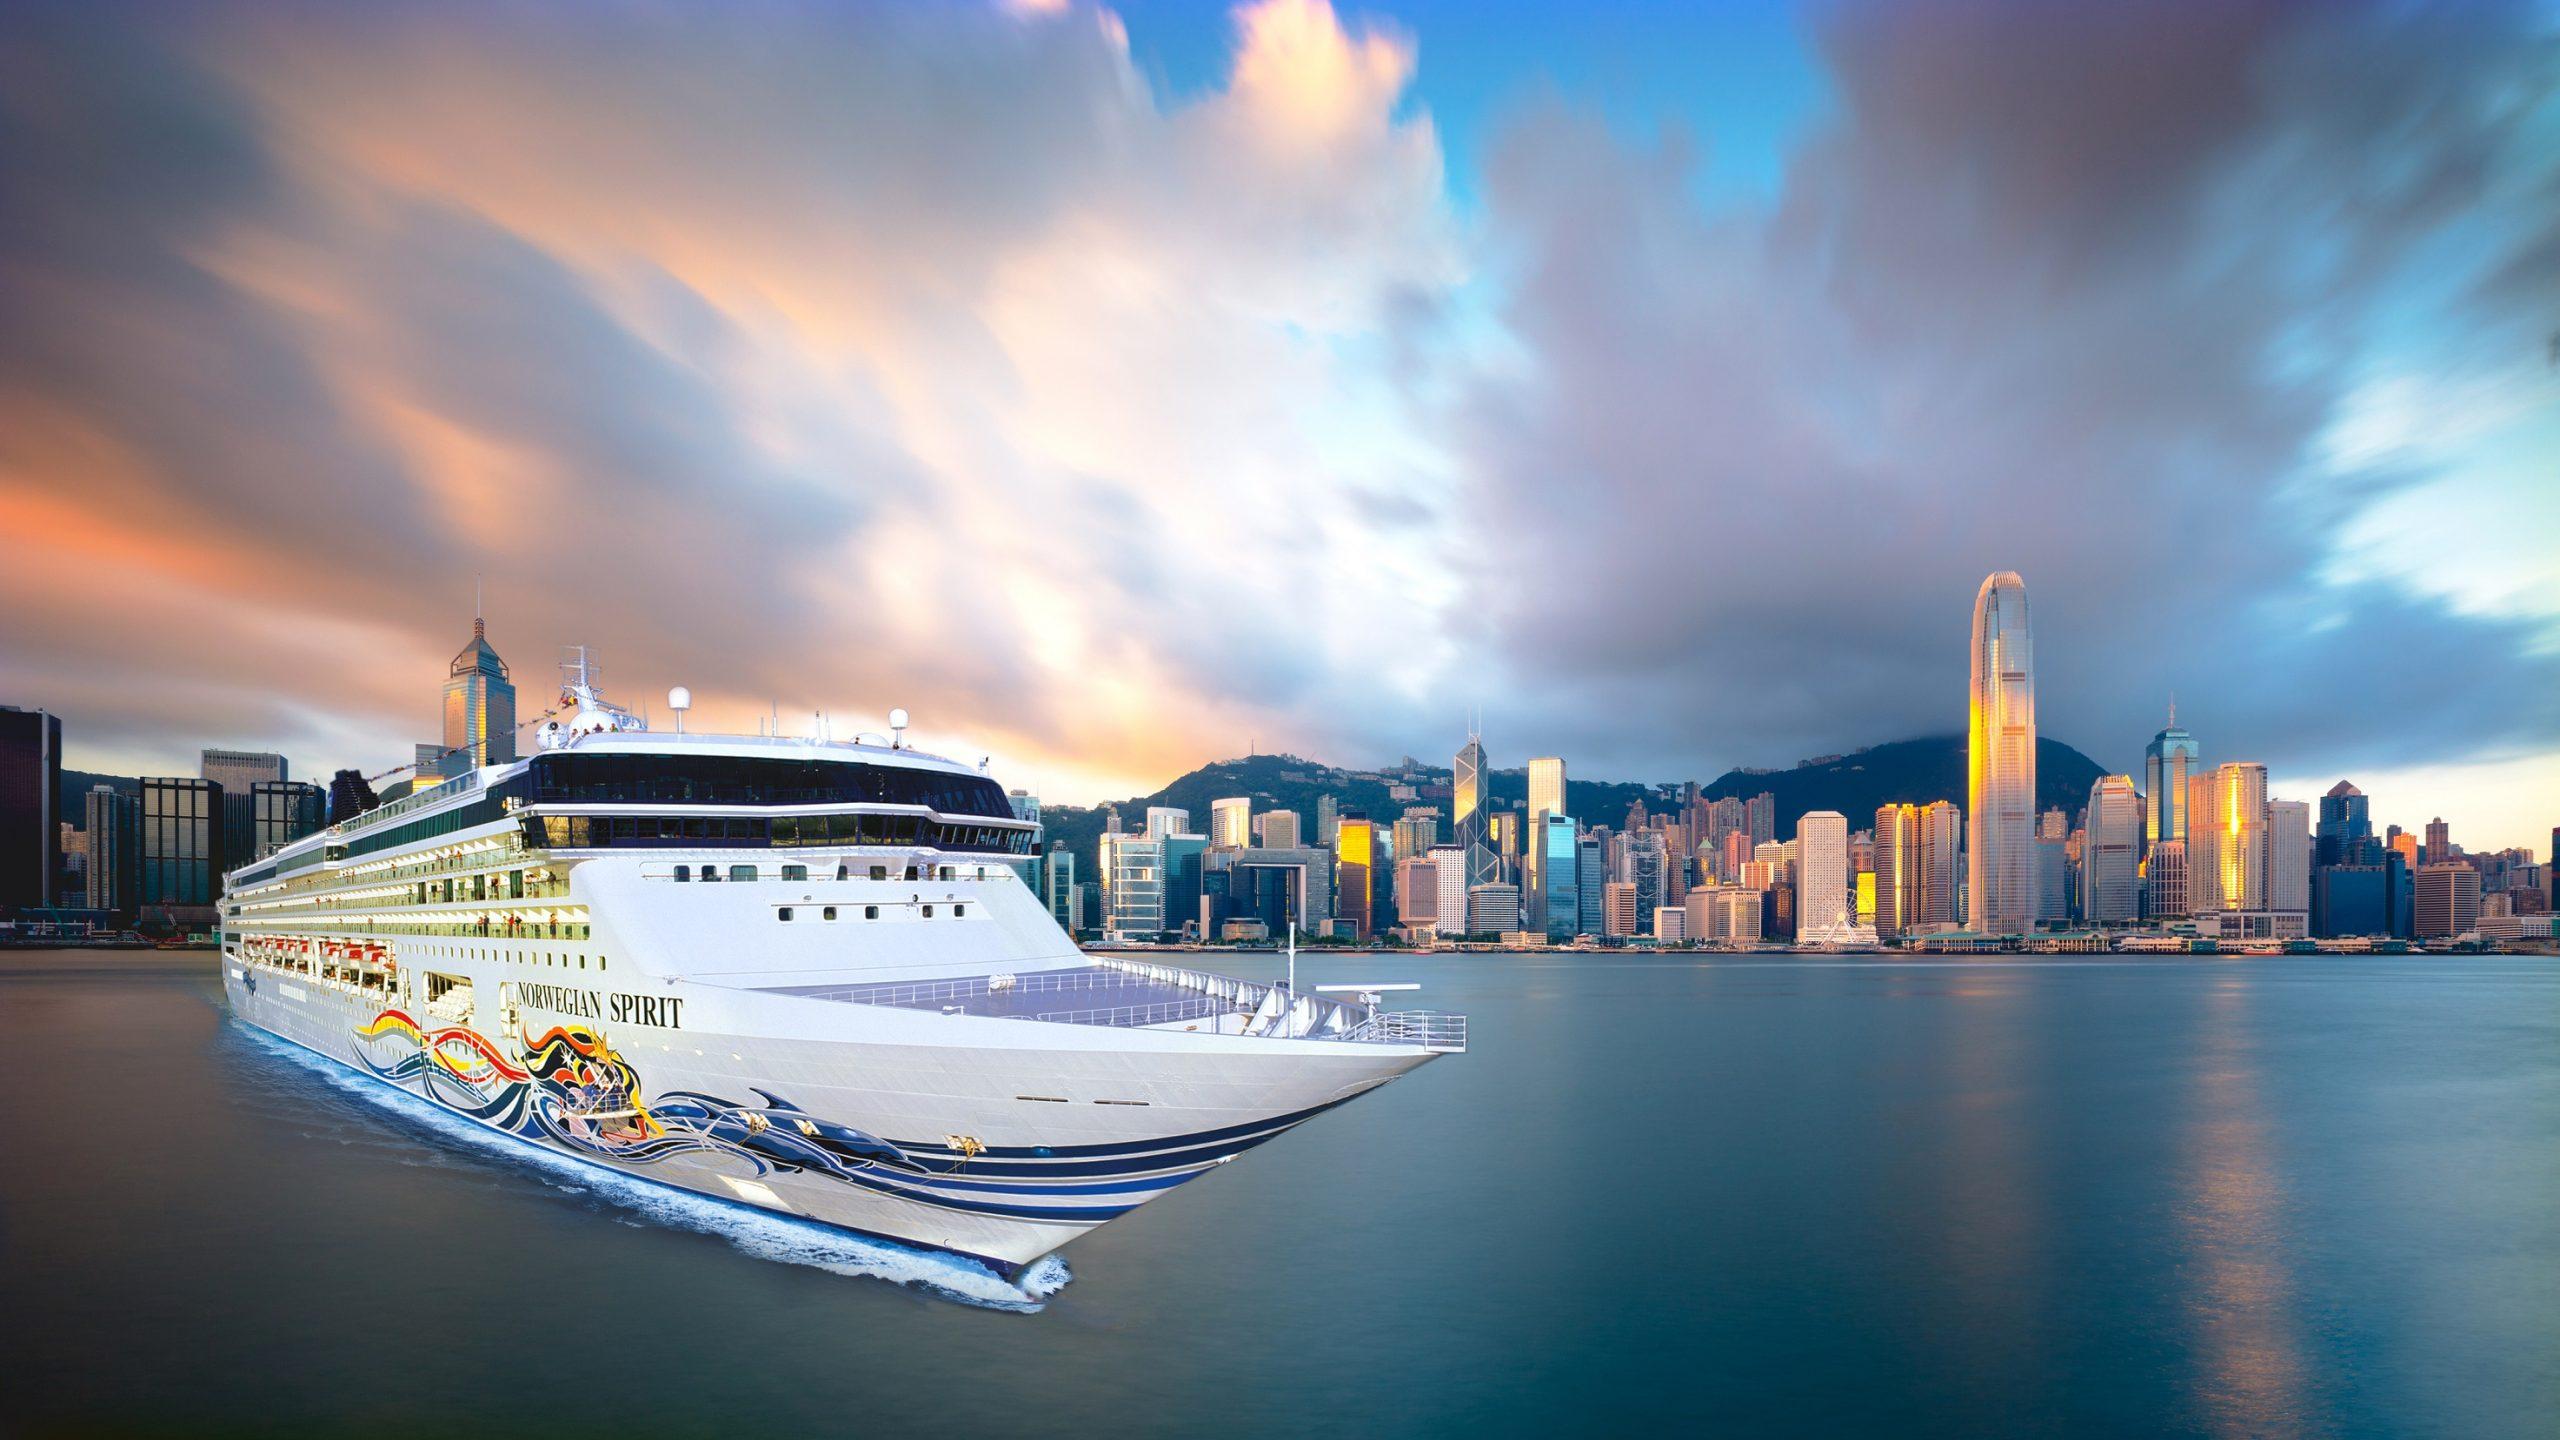 Die Norwegian Spirit, die für rund 100 Millionen US-Dollar modernisiert wurde, kommt verspätet aus der Werft in Marseille.